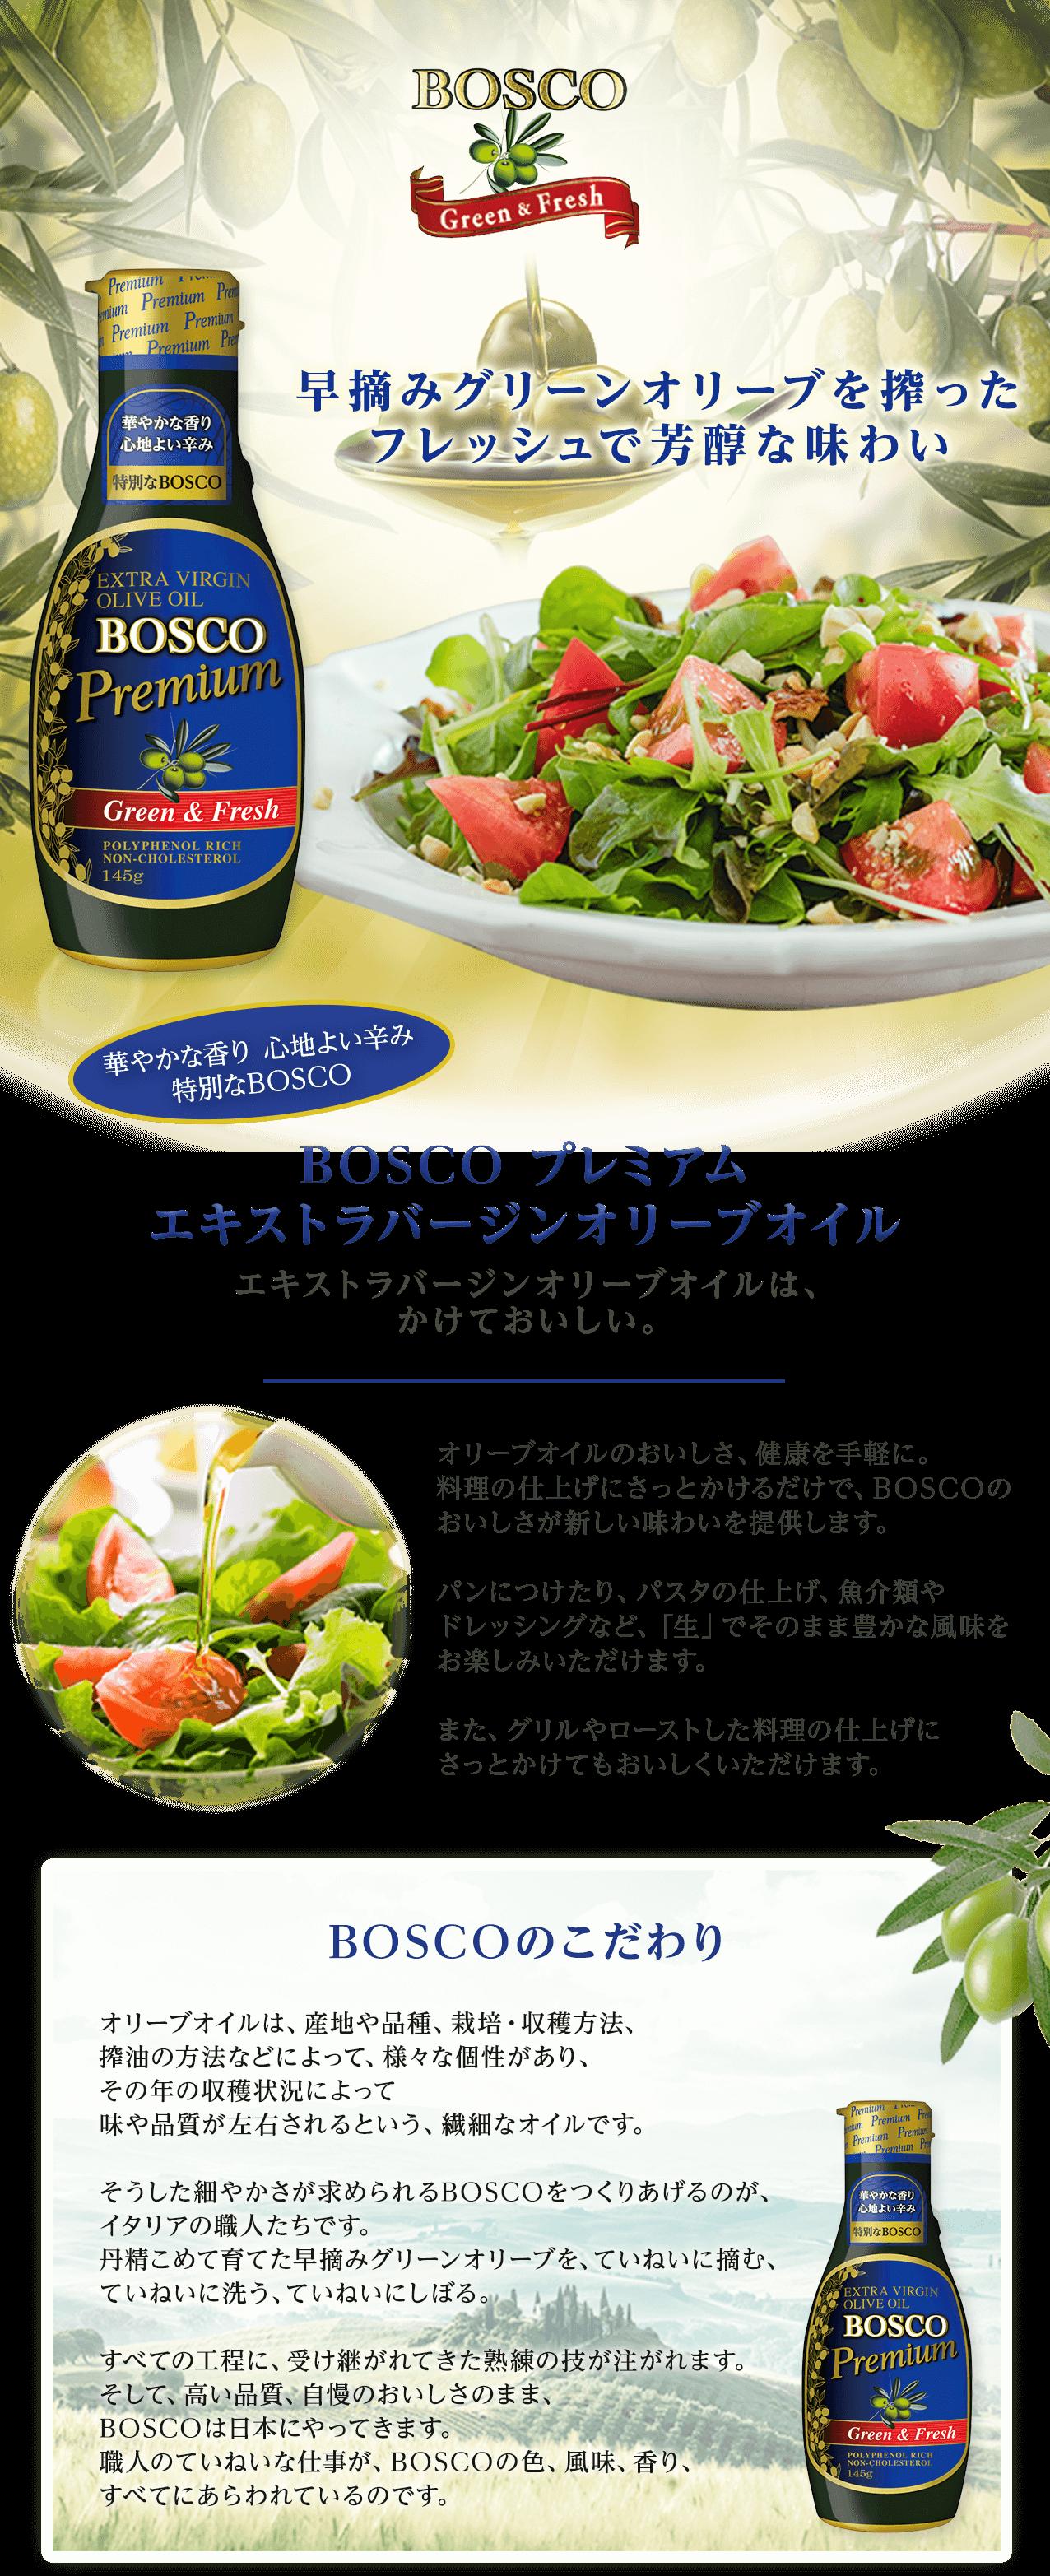 早摘みグリーンオリーブを搾ったフレッシュで芳醇な味わい BOSCO プレミアムエキストラバージンオリーブオイル